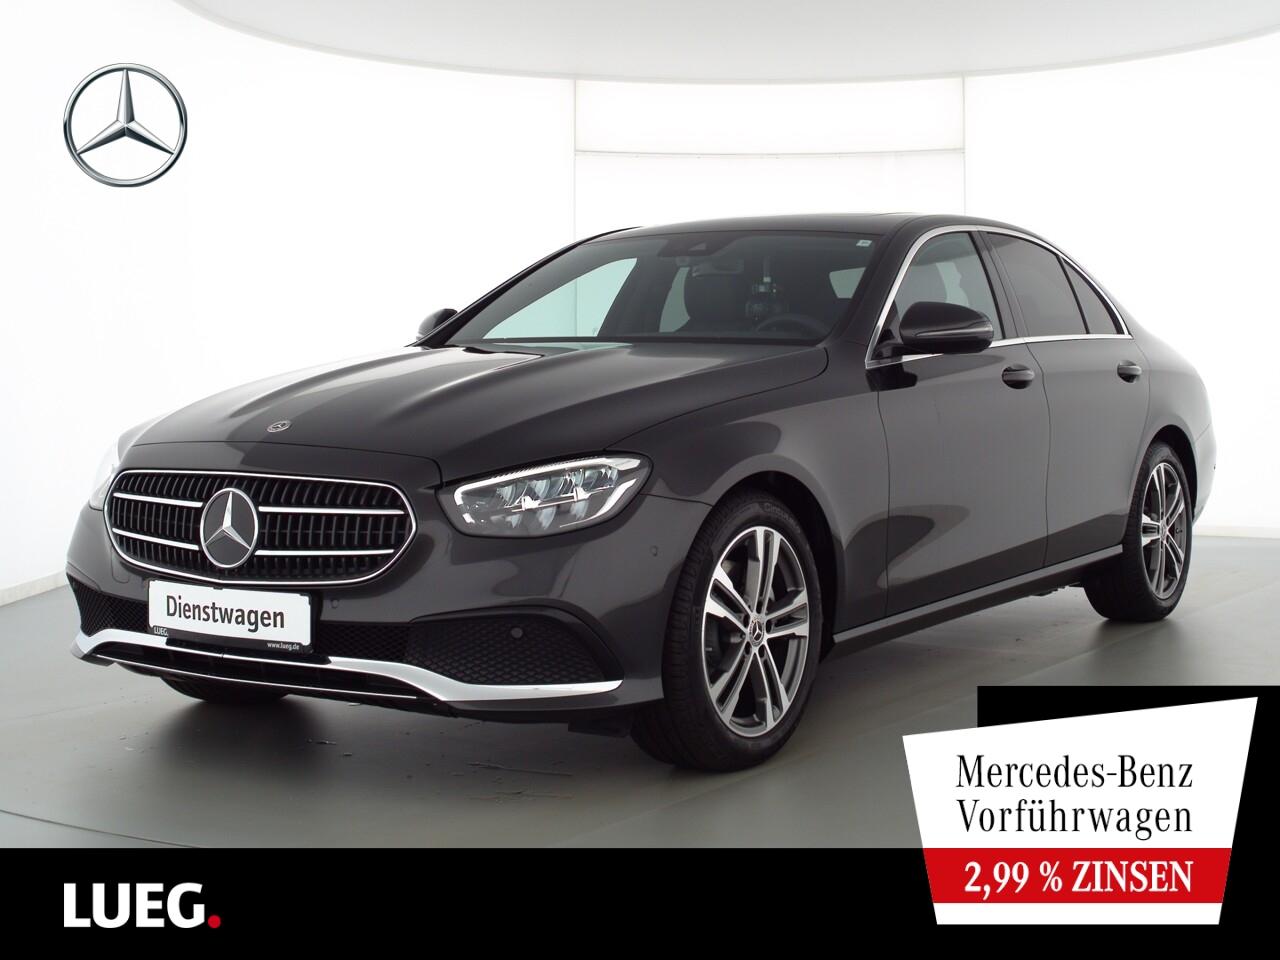 Mercedes-Benz E 200 AVANTGARDE+18''+SHD+TOTW+KAMERA+MBUX-HIGH, Jahr 2021, Benzin